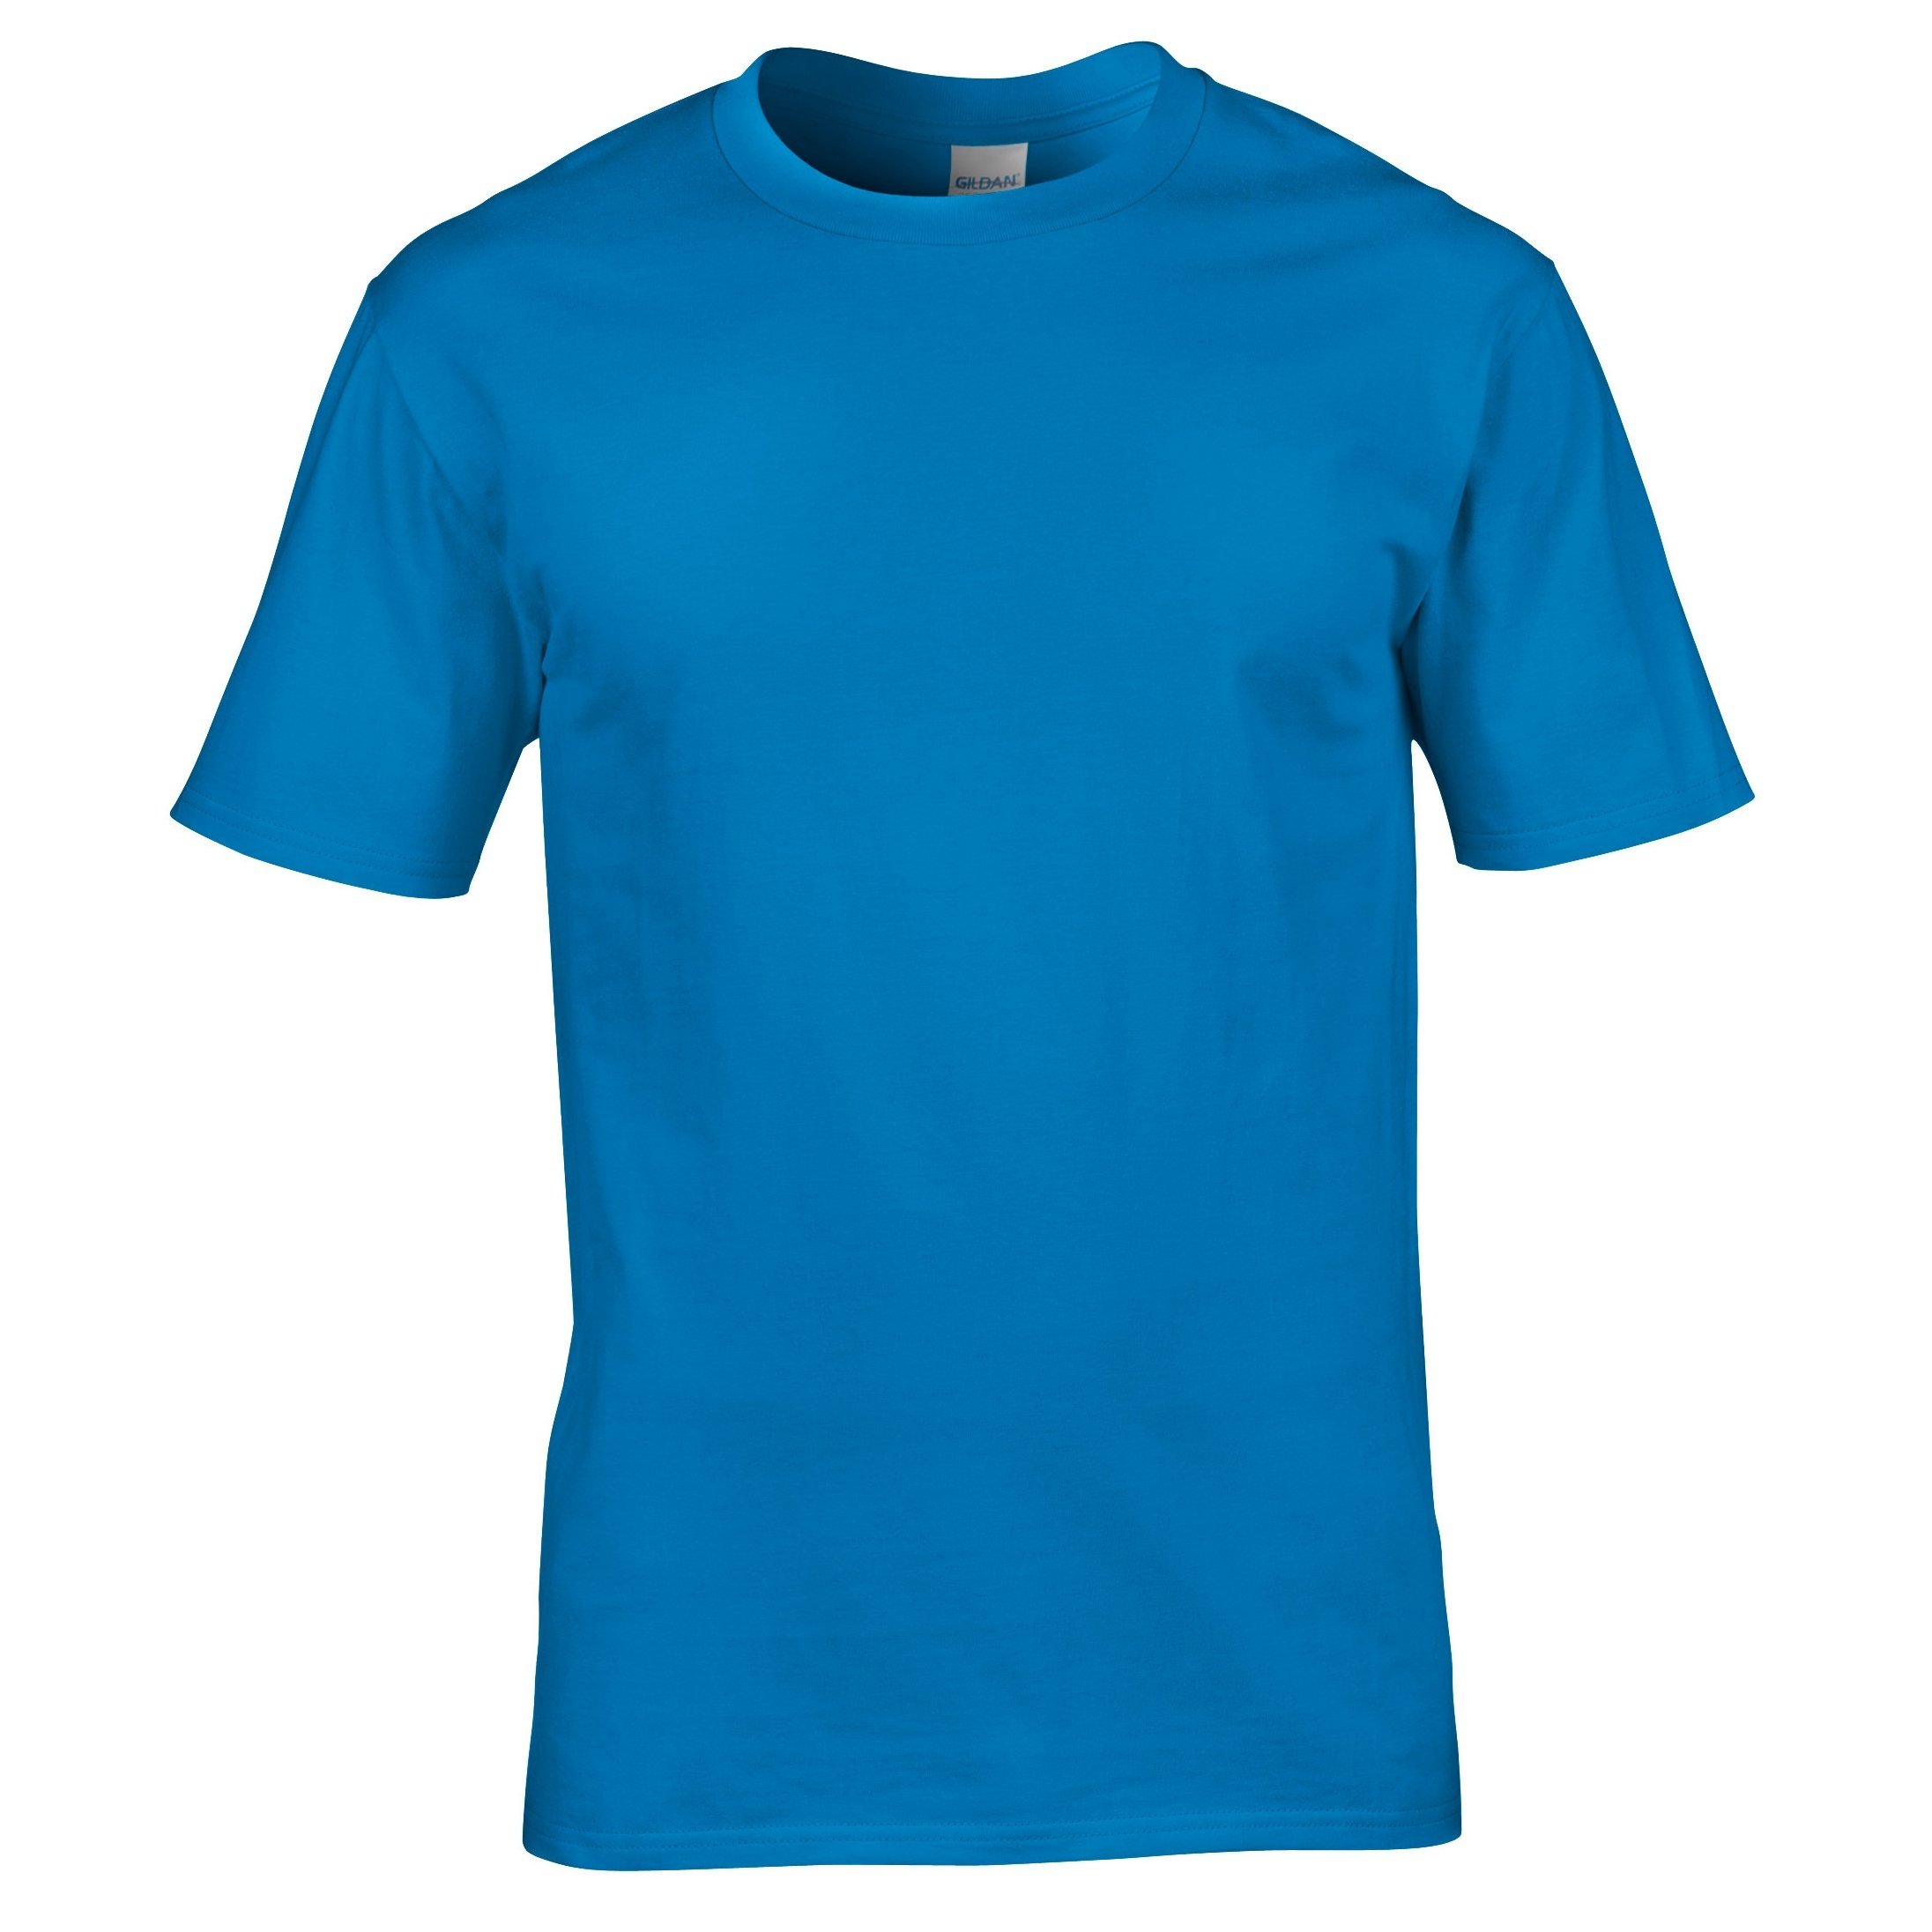 GILDAN T-shirt »Premium Herren« - gratis ruilen op otto.nl